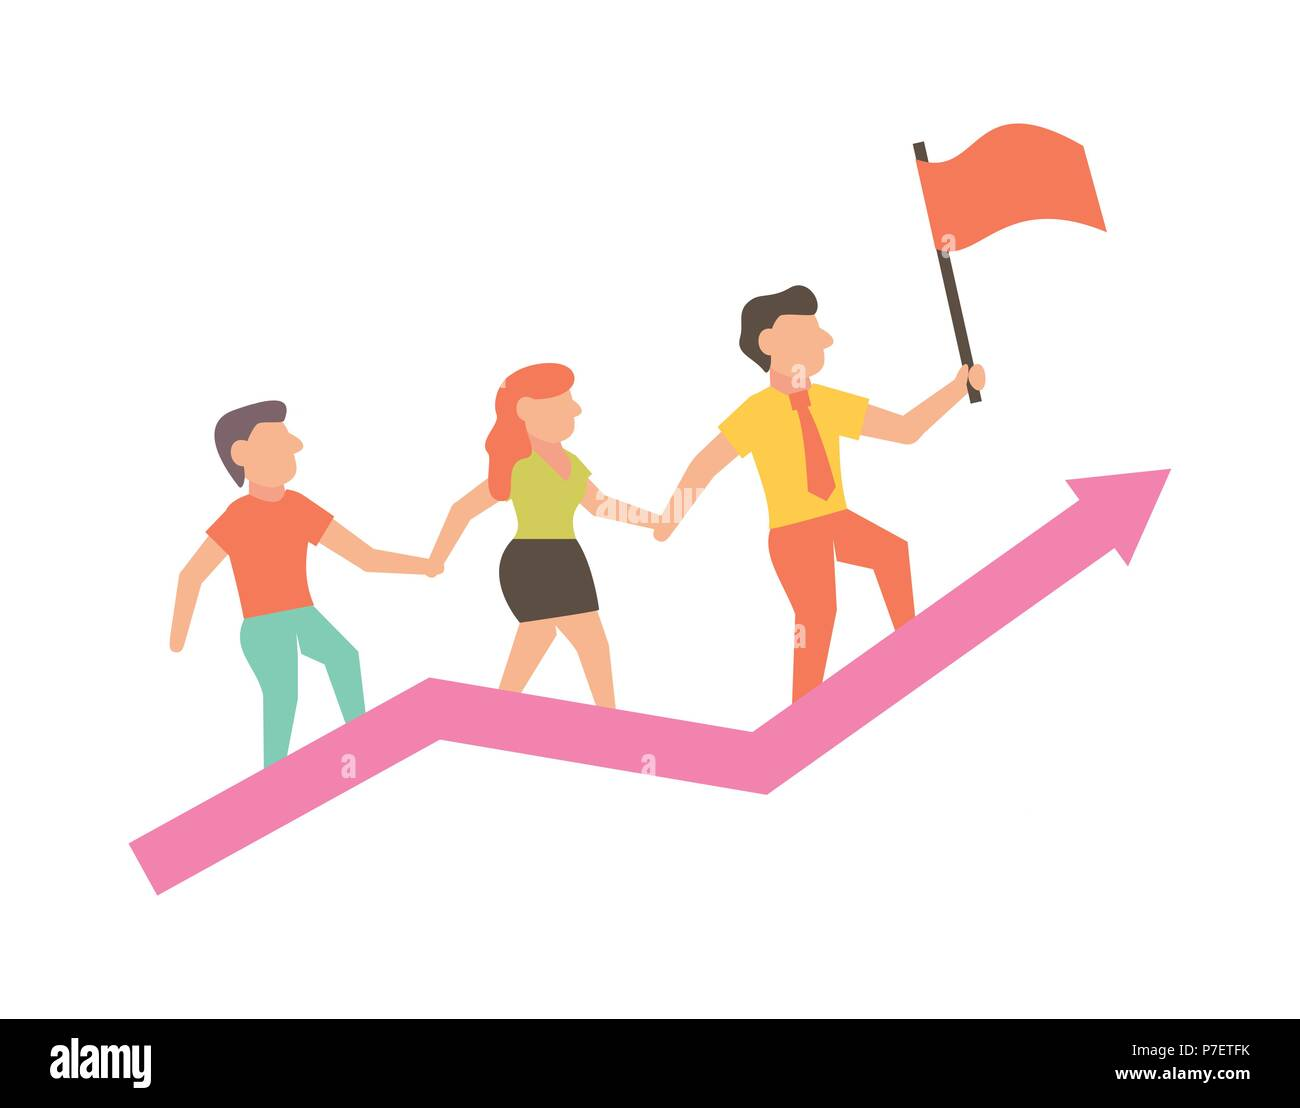 Ilustración de éxito para los negocios y diseño infográfico Imagen De Stock